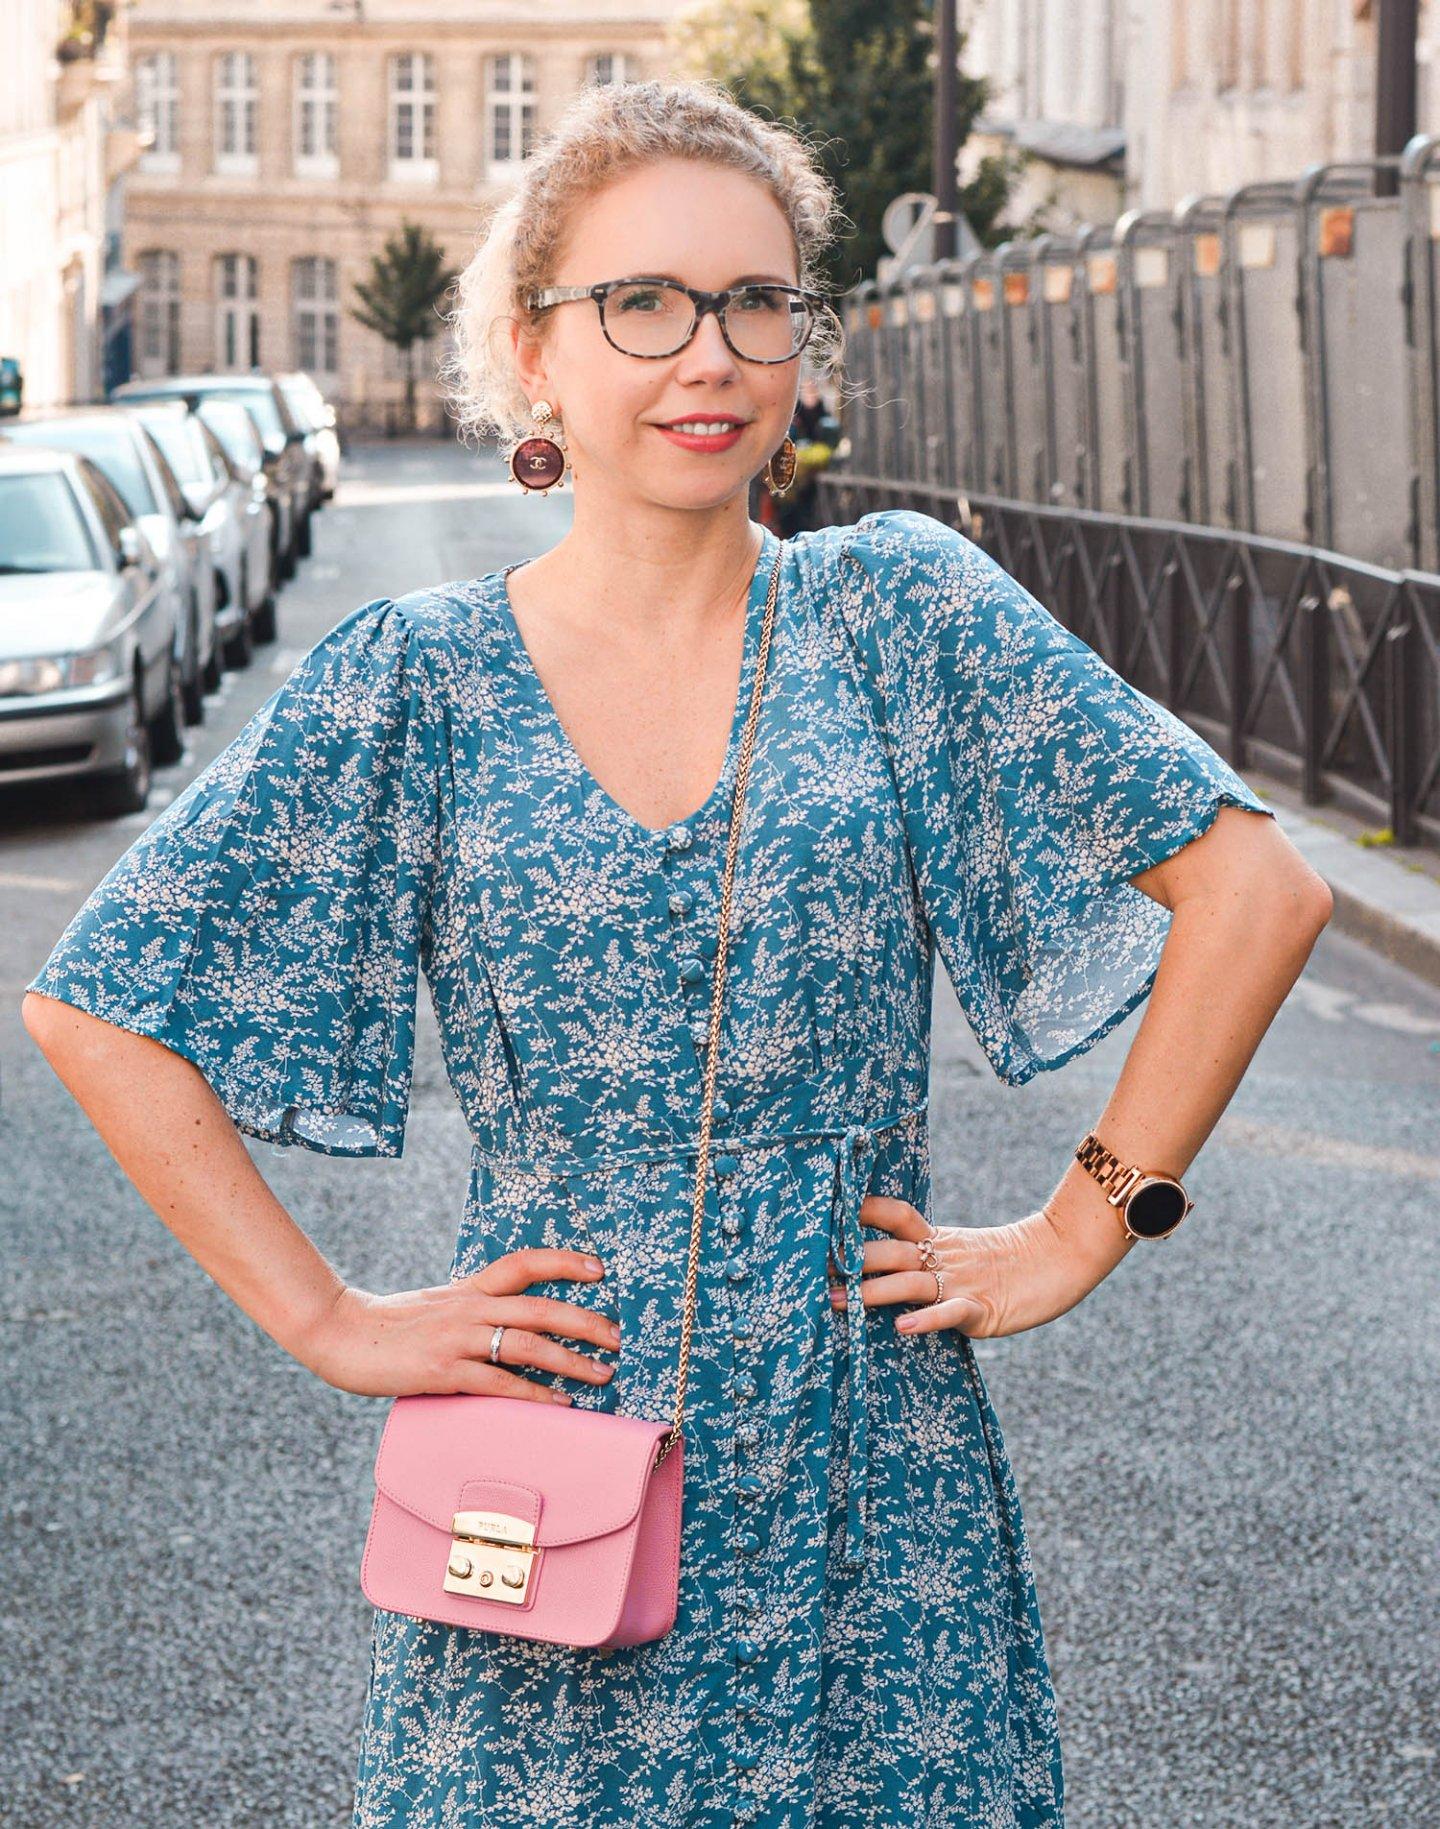 Blumenkleid und Furla tasche in paris